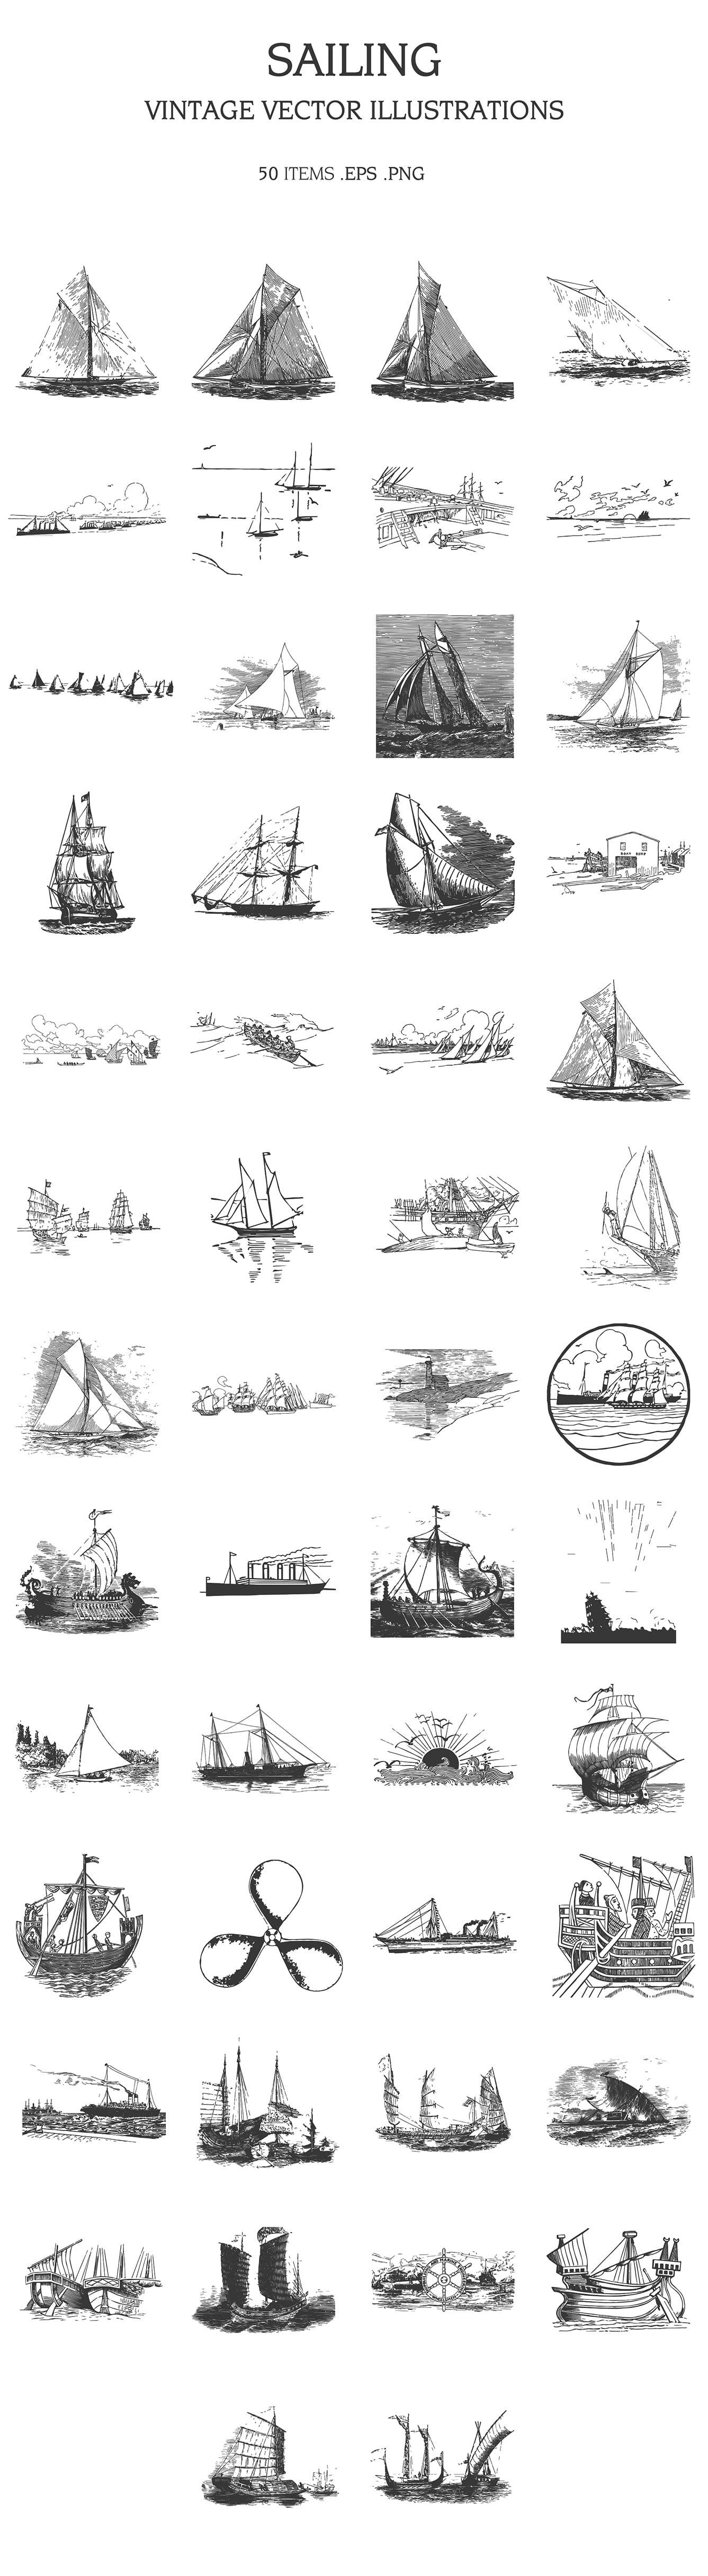 Various ships drawn in pencil.